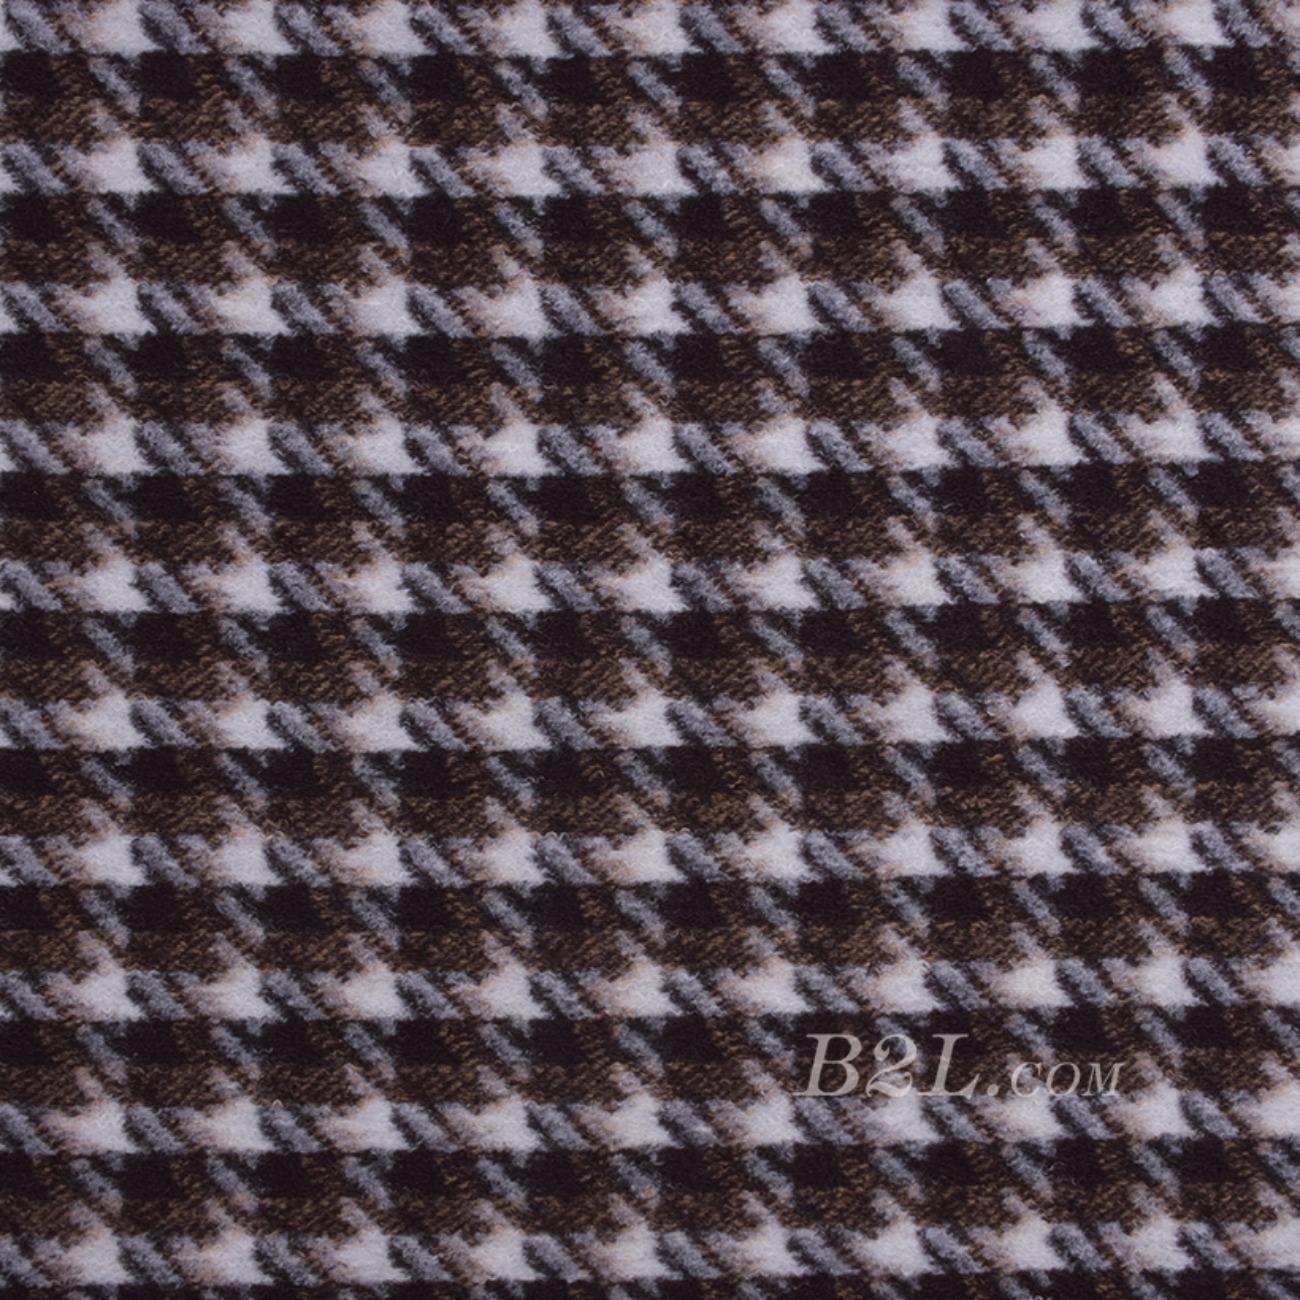 毛纺 格子 提花 色织 绒感 无弹 秋冬 大衣 外套 女装 80720-5